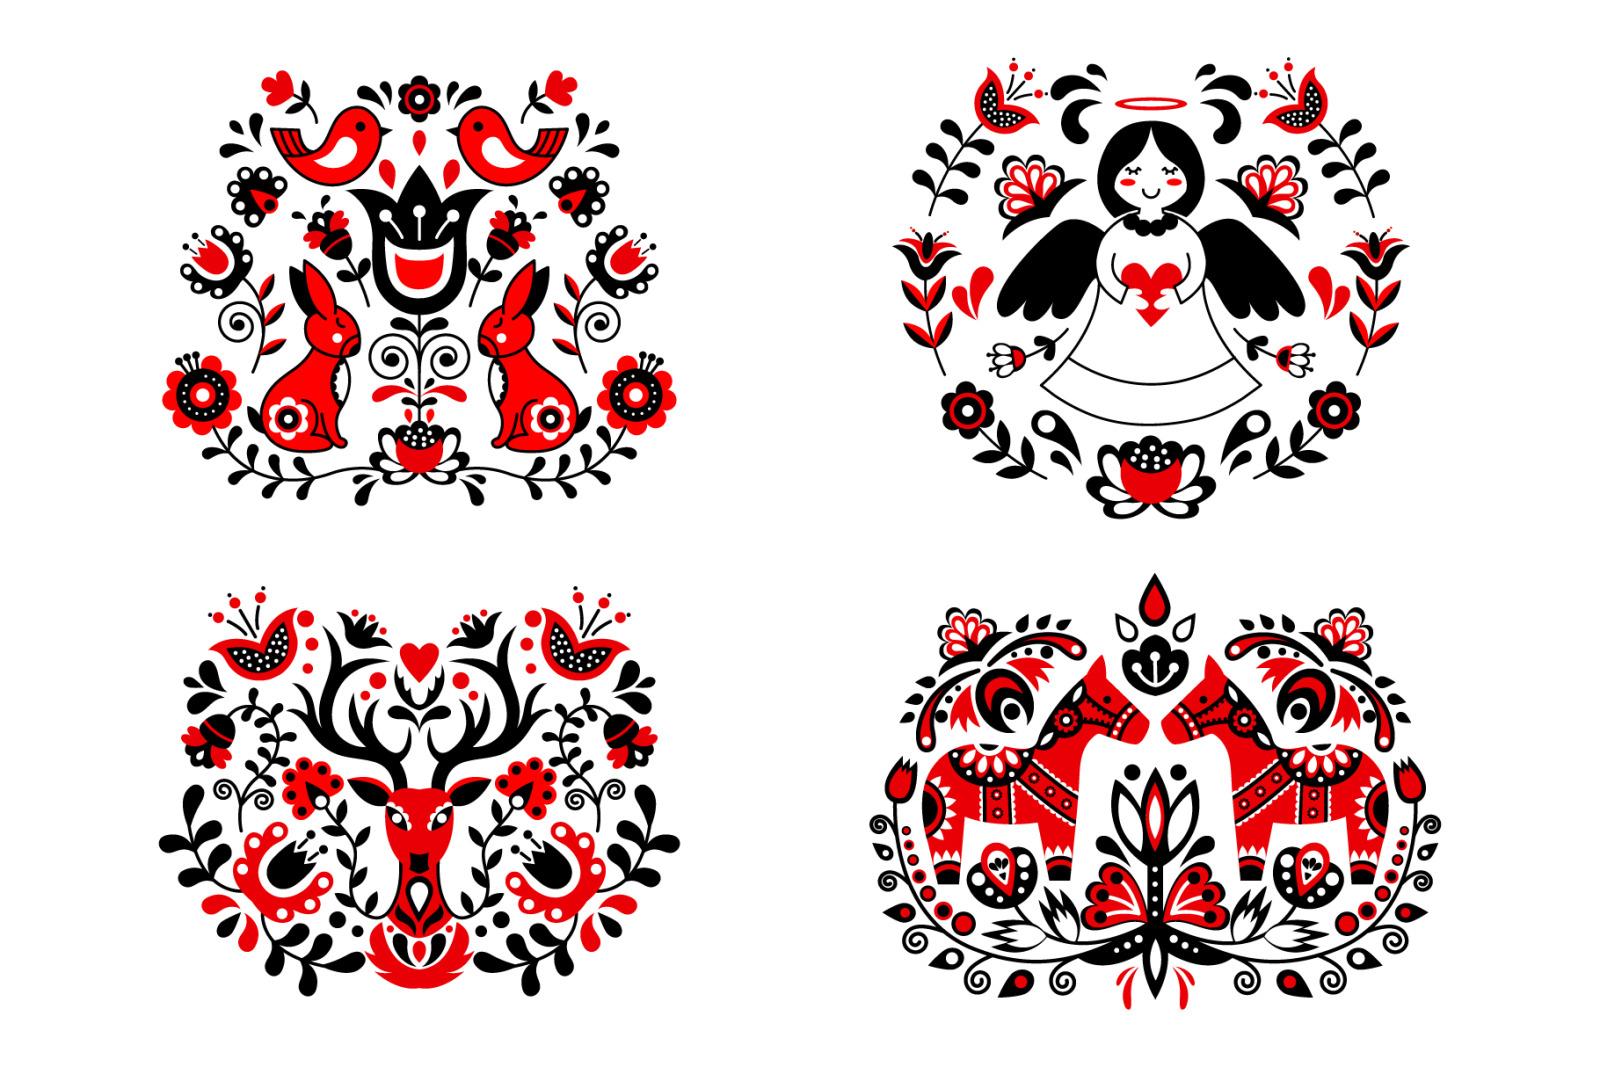 Scandinavian folk art collections